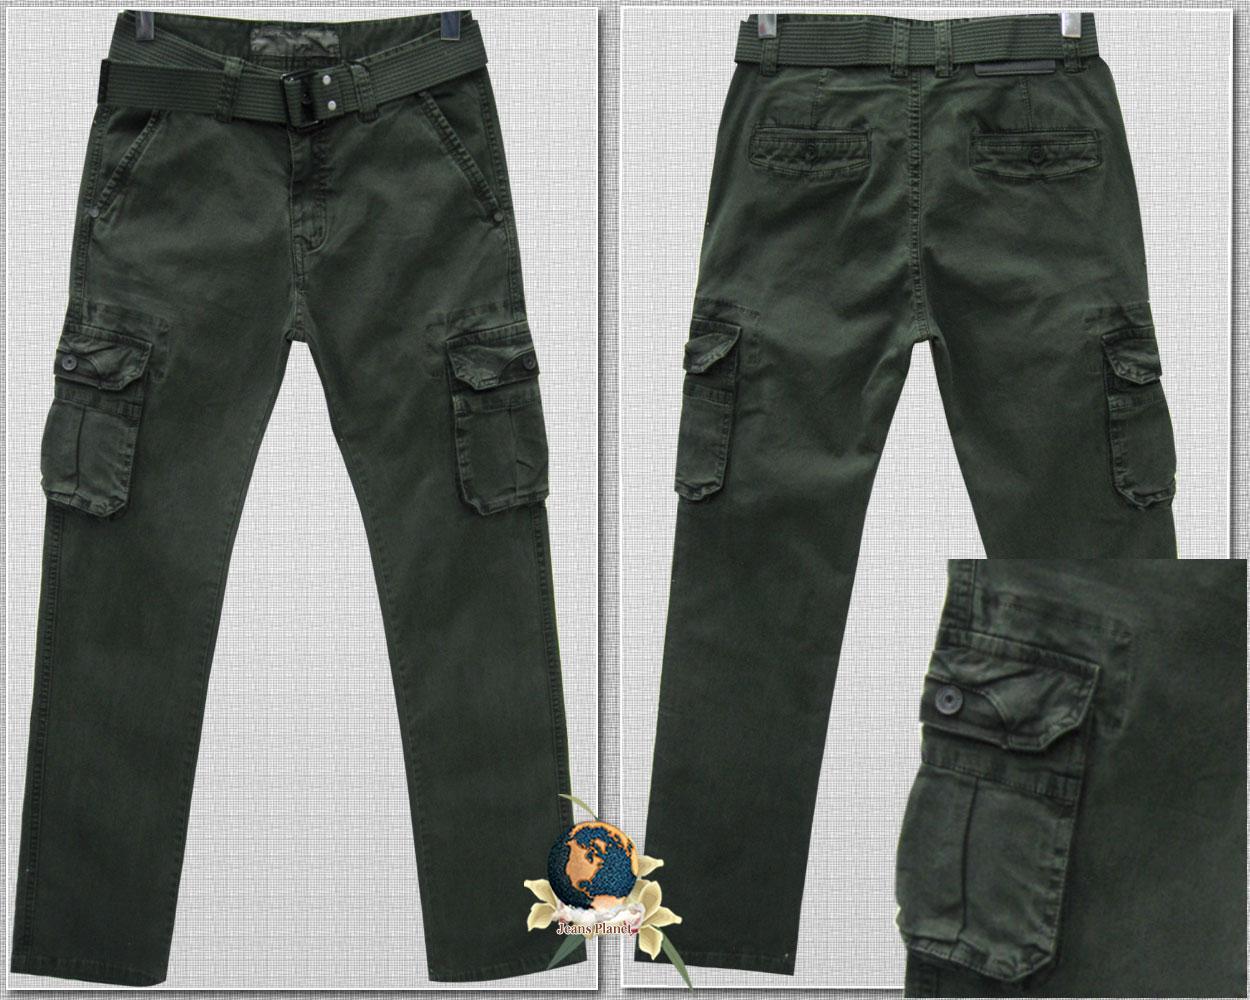 Джинсы мужские ITENO оригинал прямые с карманами цвет хаки зелёный 30 размер